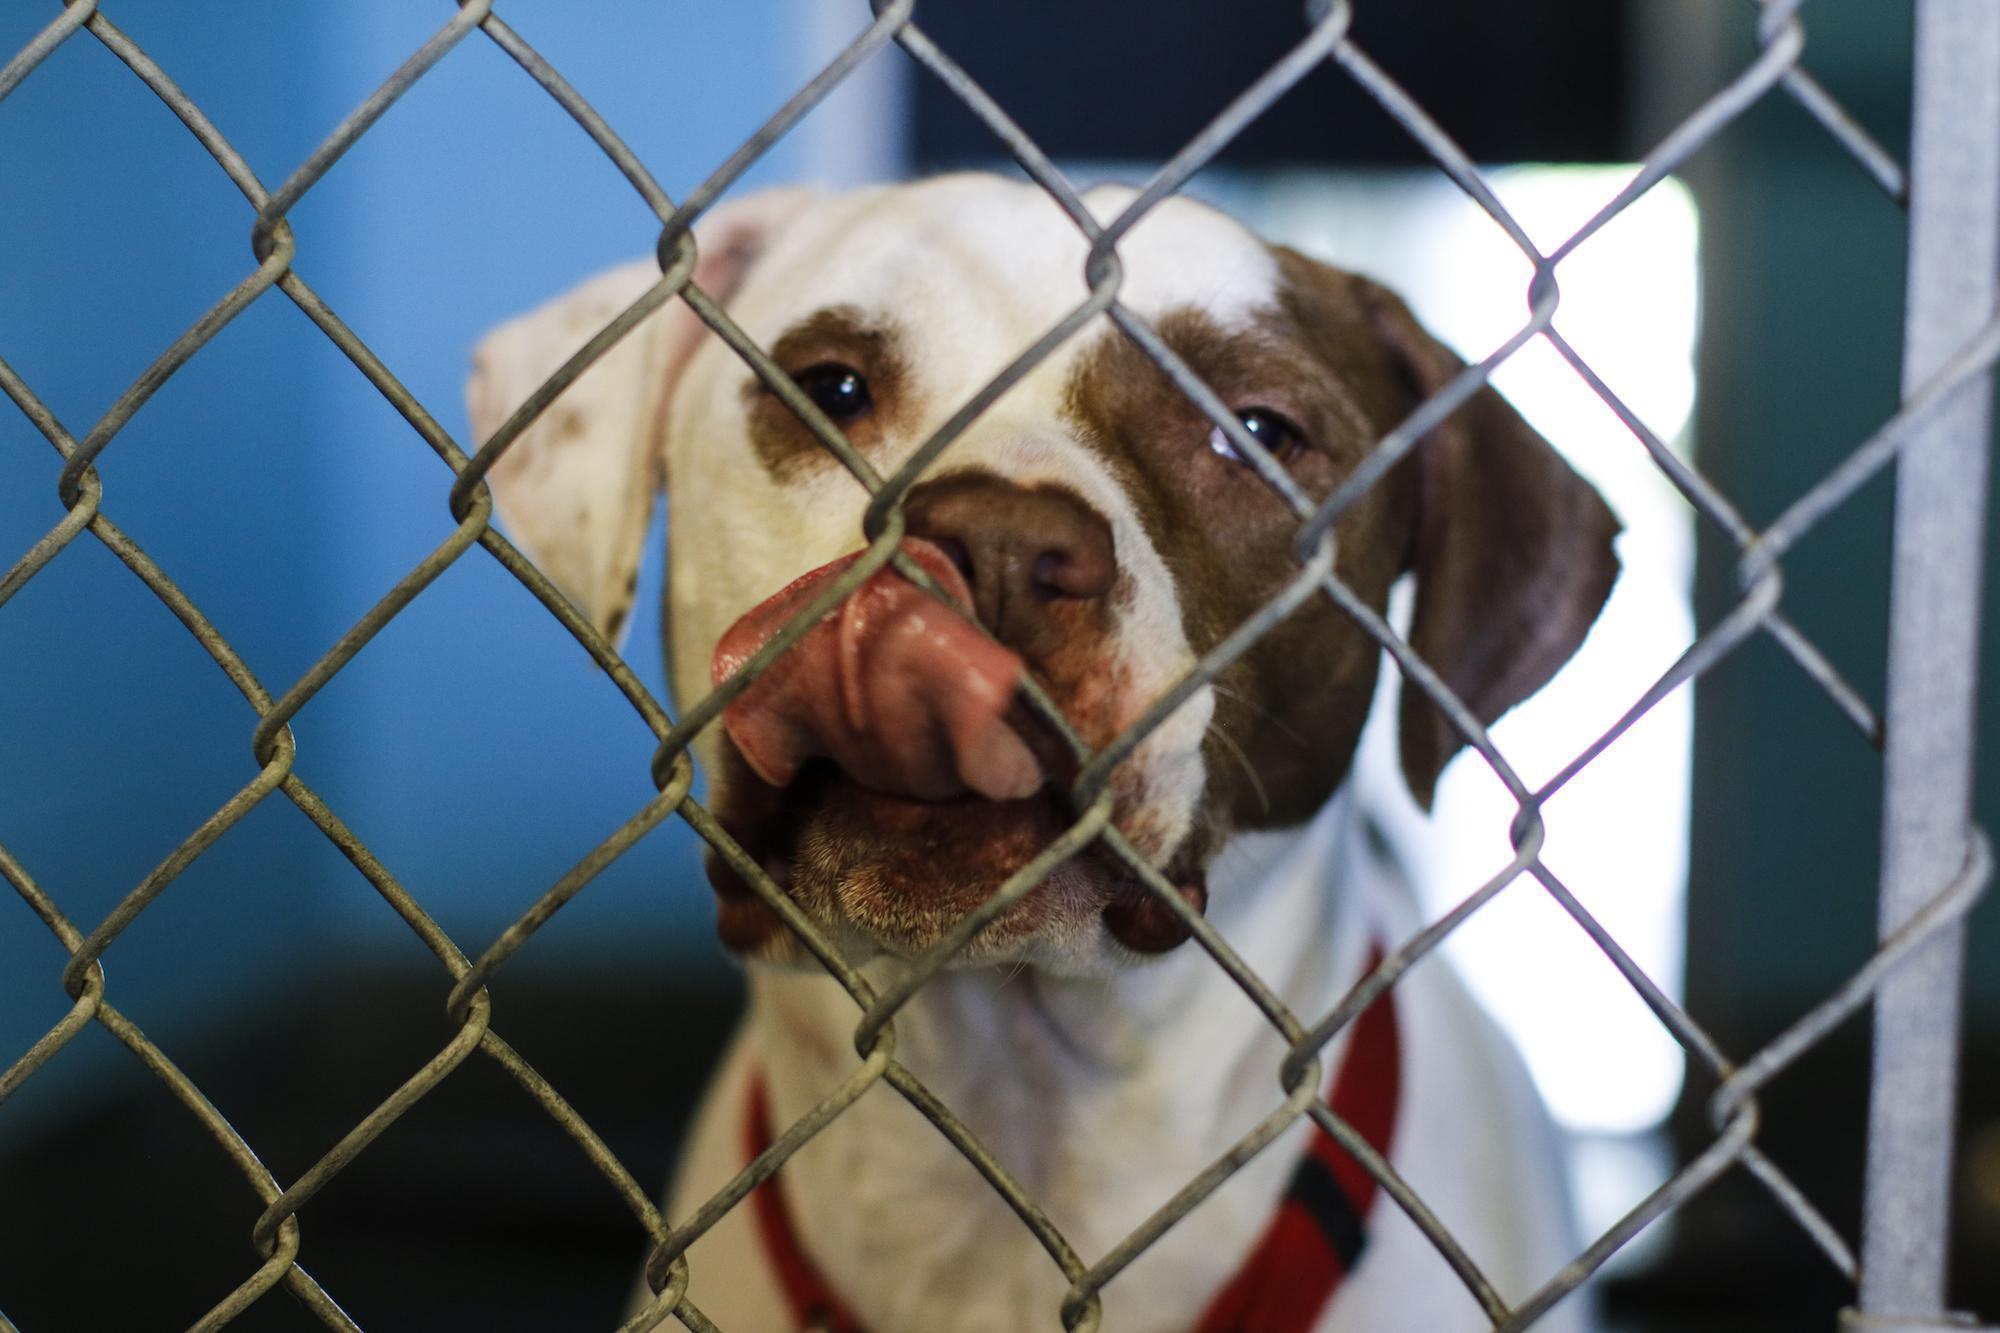 San Marcos Regional Animal Shelter seeks community help as it surpasses capacity